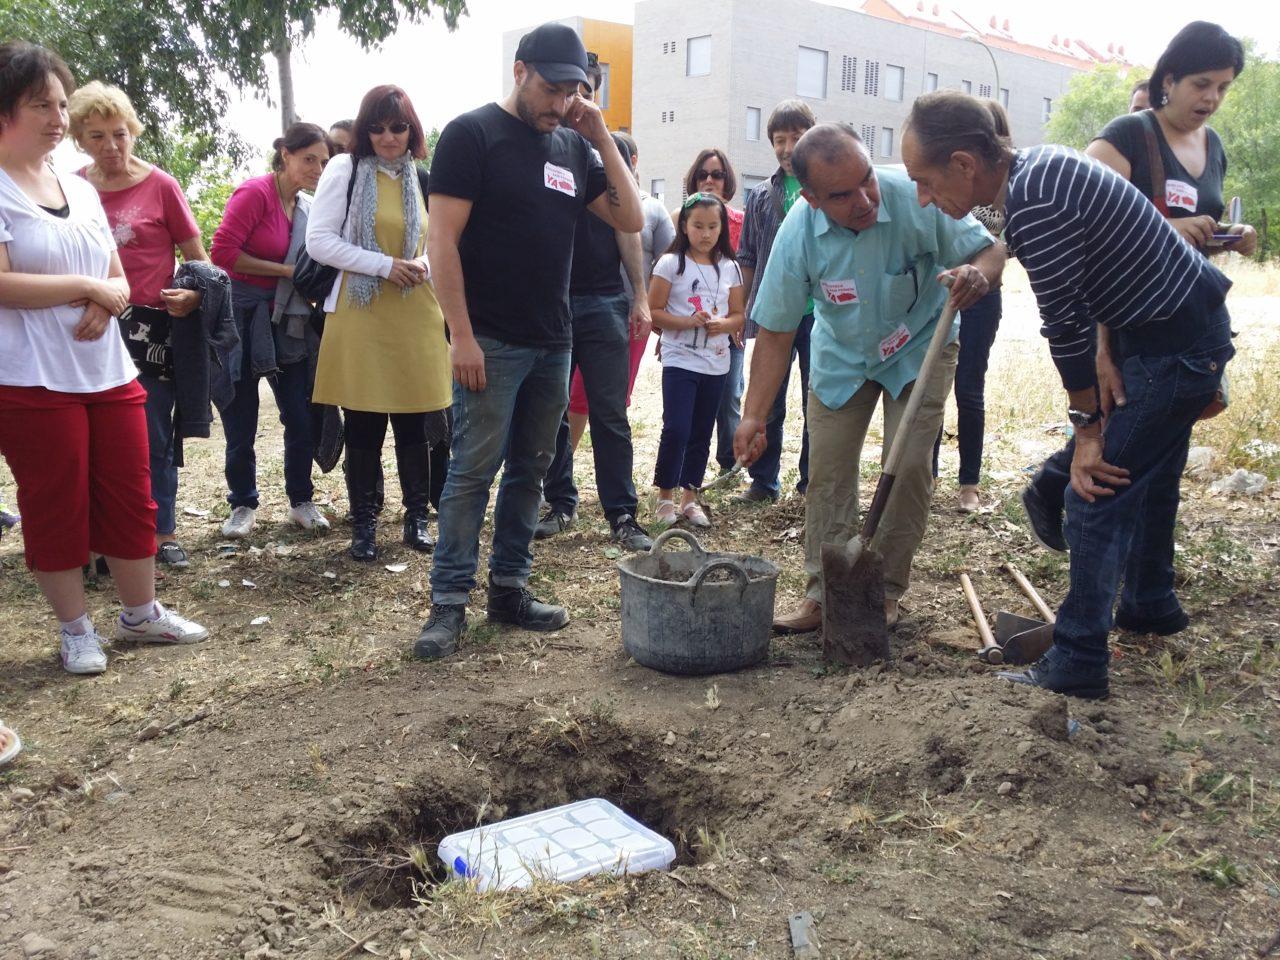 Tras seis años de intensas reivindicaciones, los vecinos de San Fermín consiguen su biblioteca